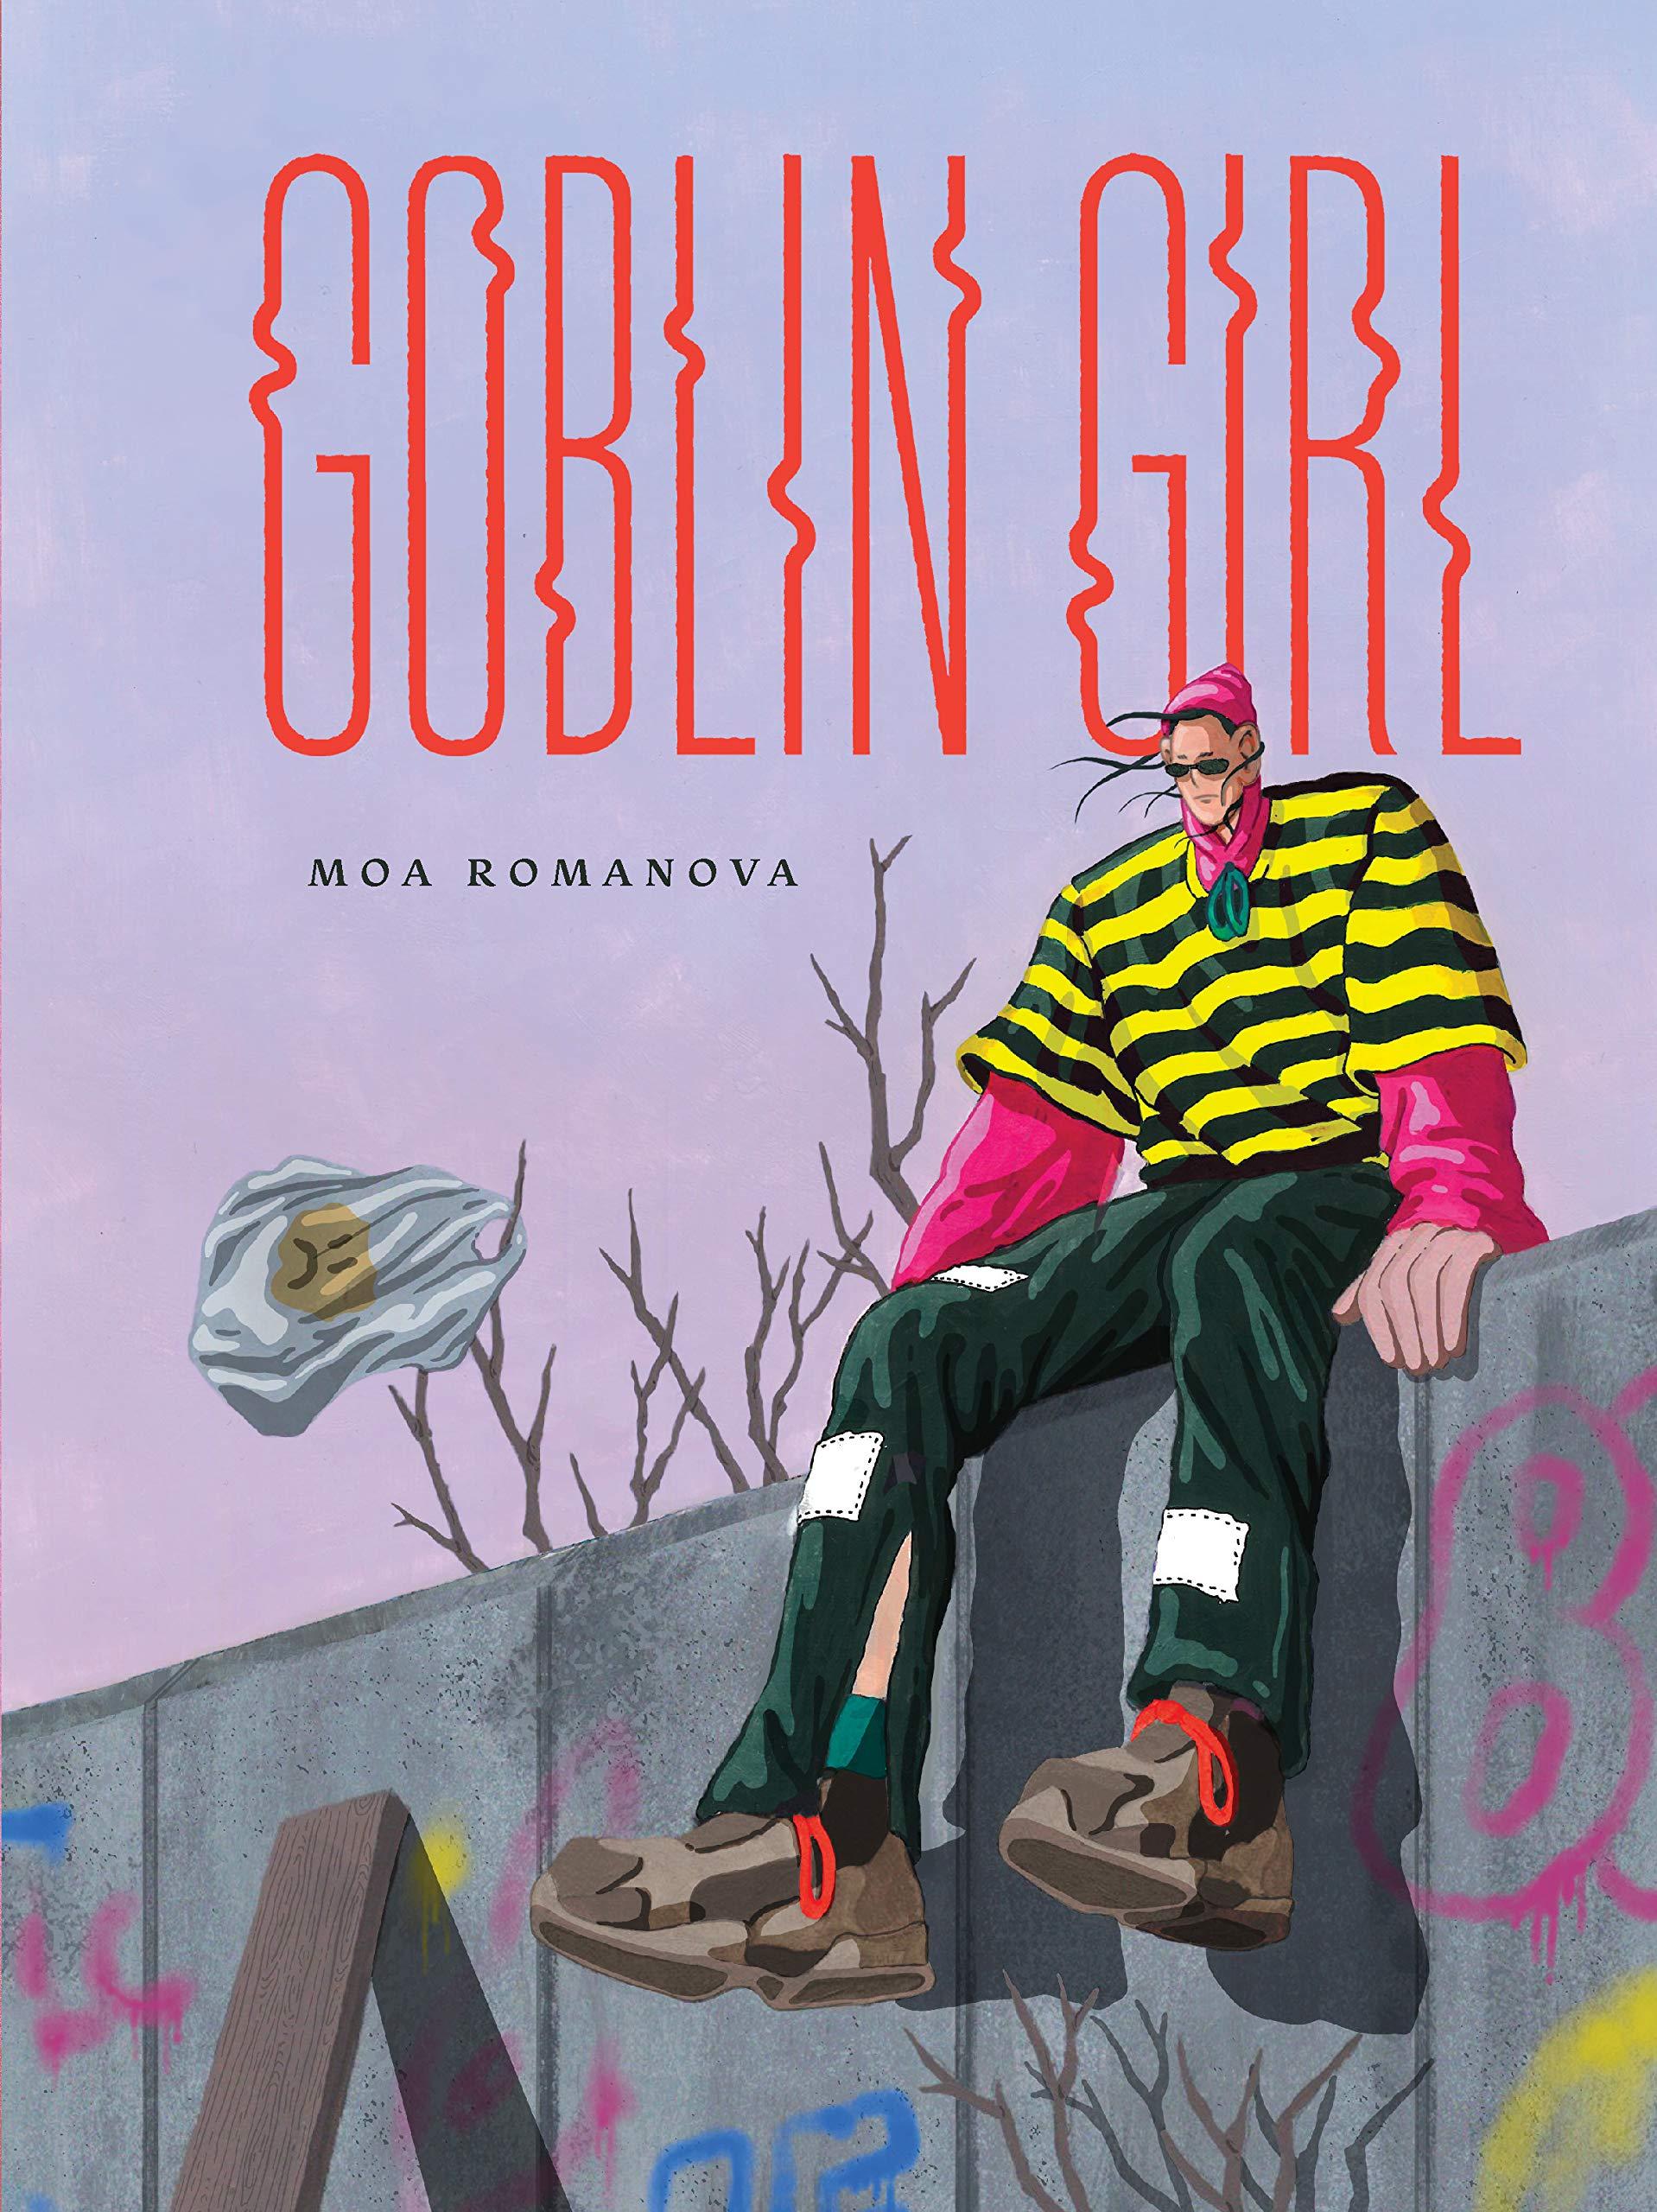 Graphic Novels for Winter 2020: Goblin Girl